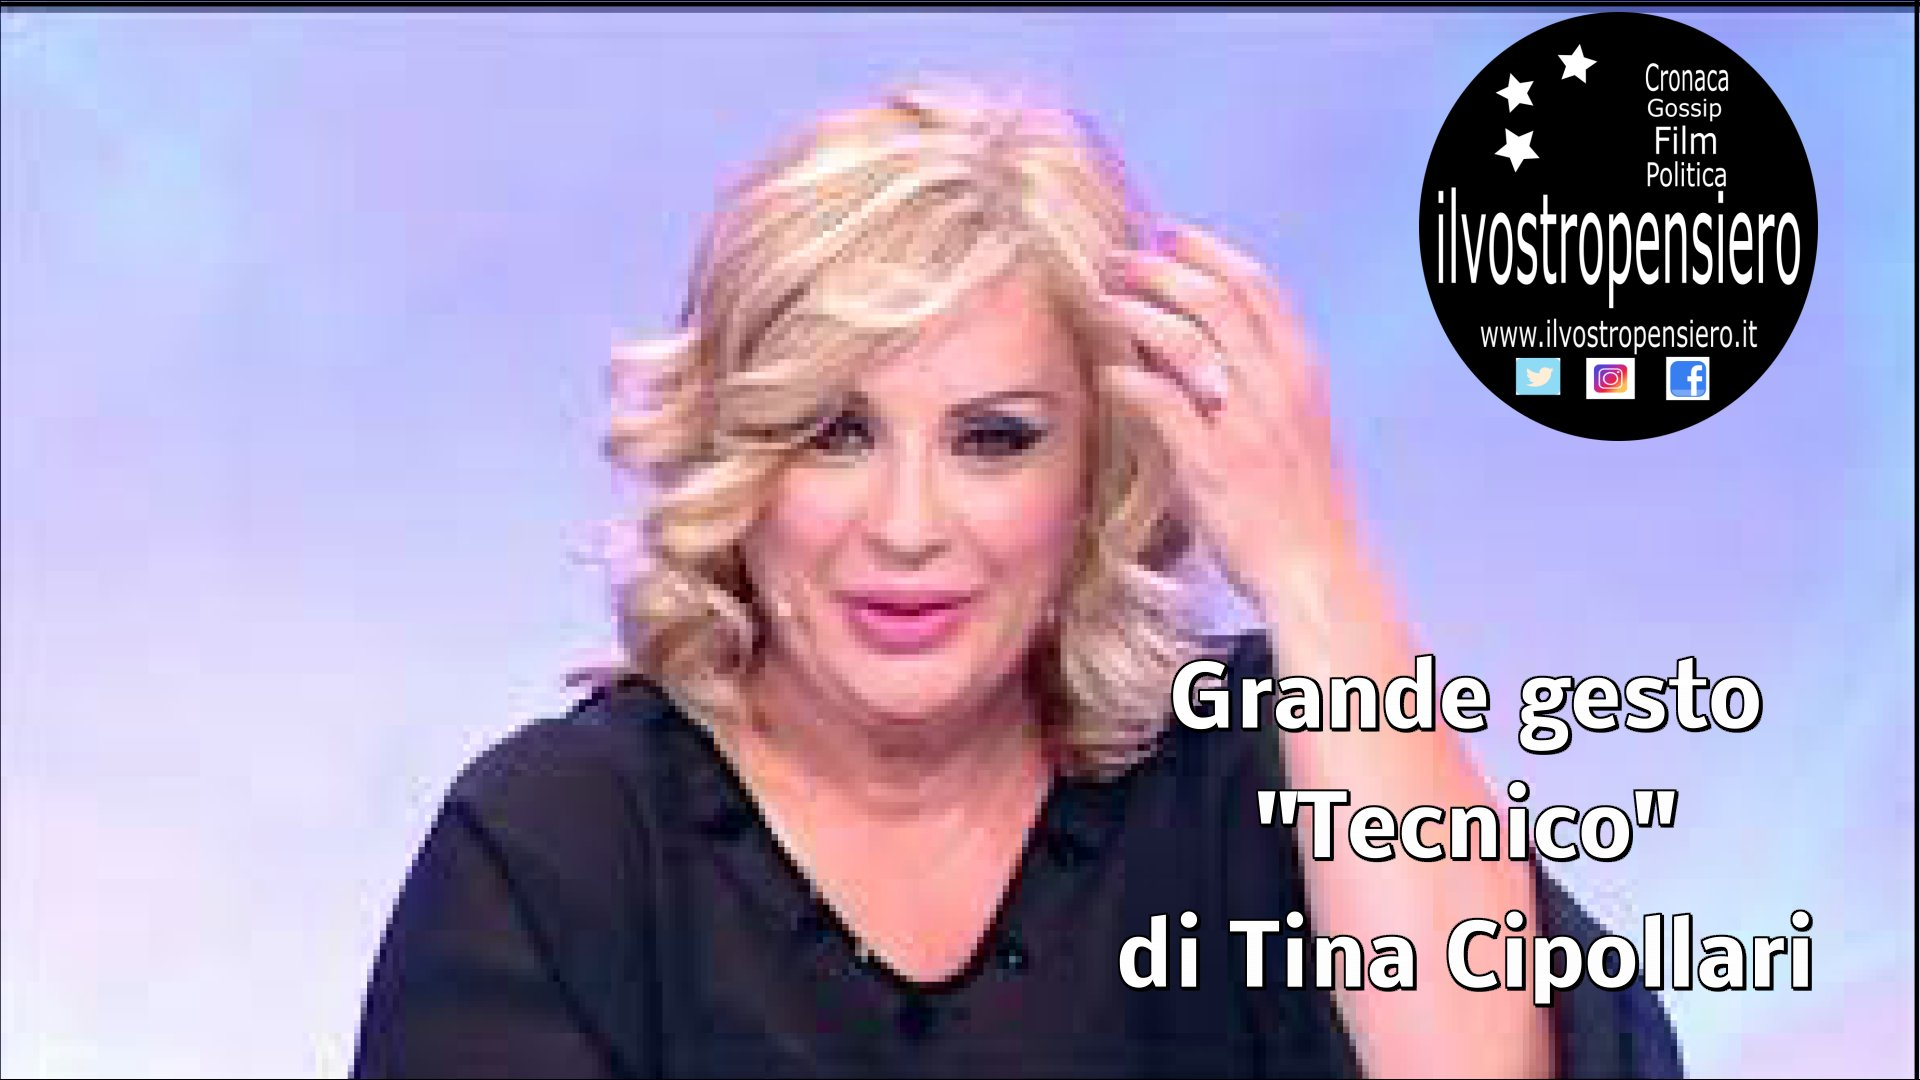 Uomini e donne: dopo Alba Parietti all'isola,anche Tina Cipollari bel gesto da Signora!